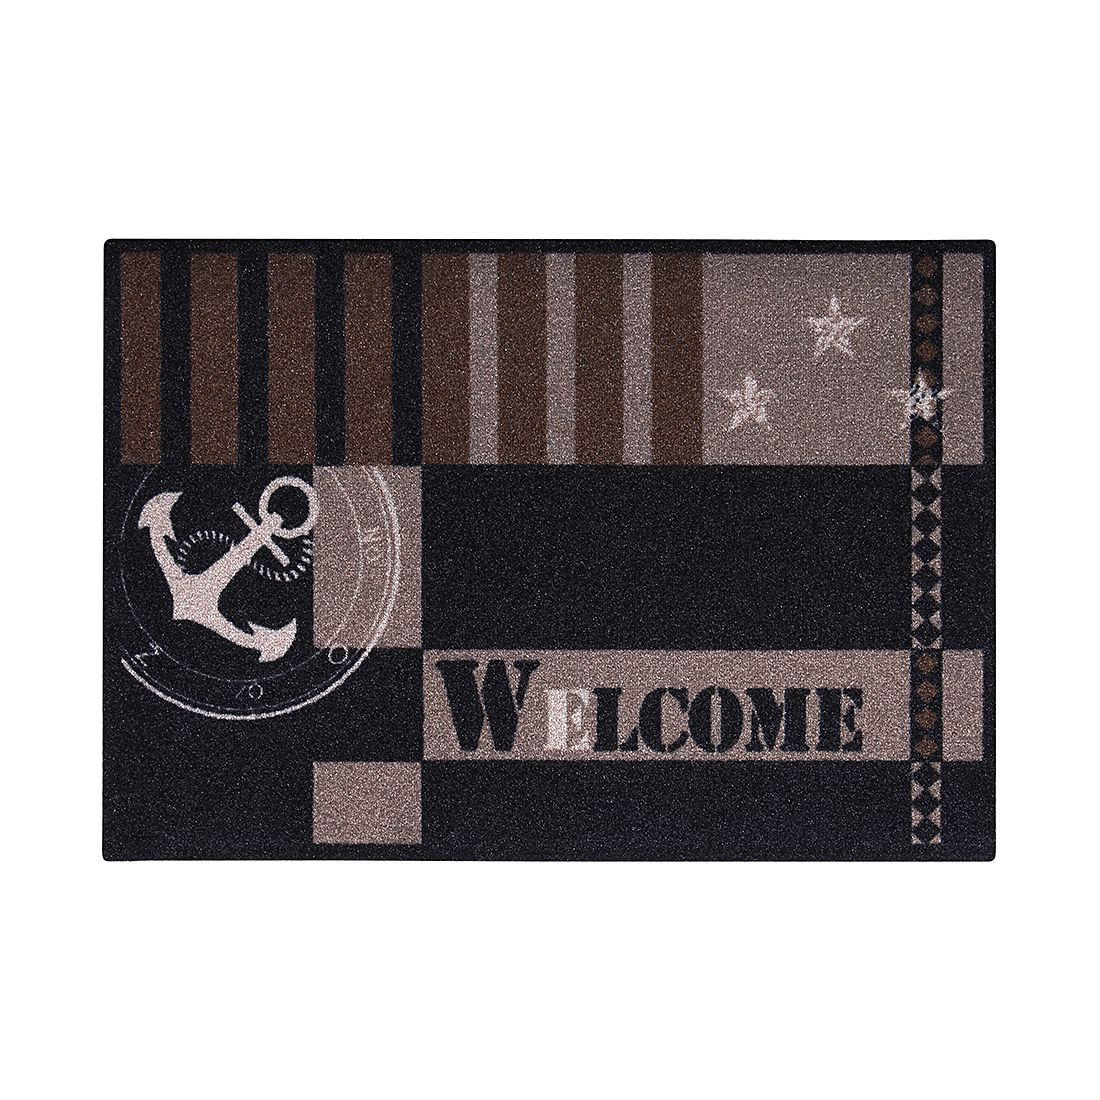 Image of Zerbino Metropolitan Welcome Marine, andiamo